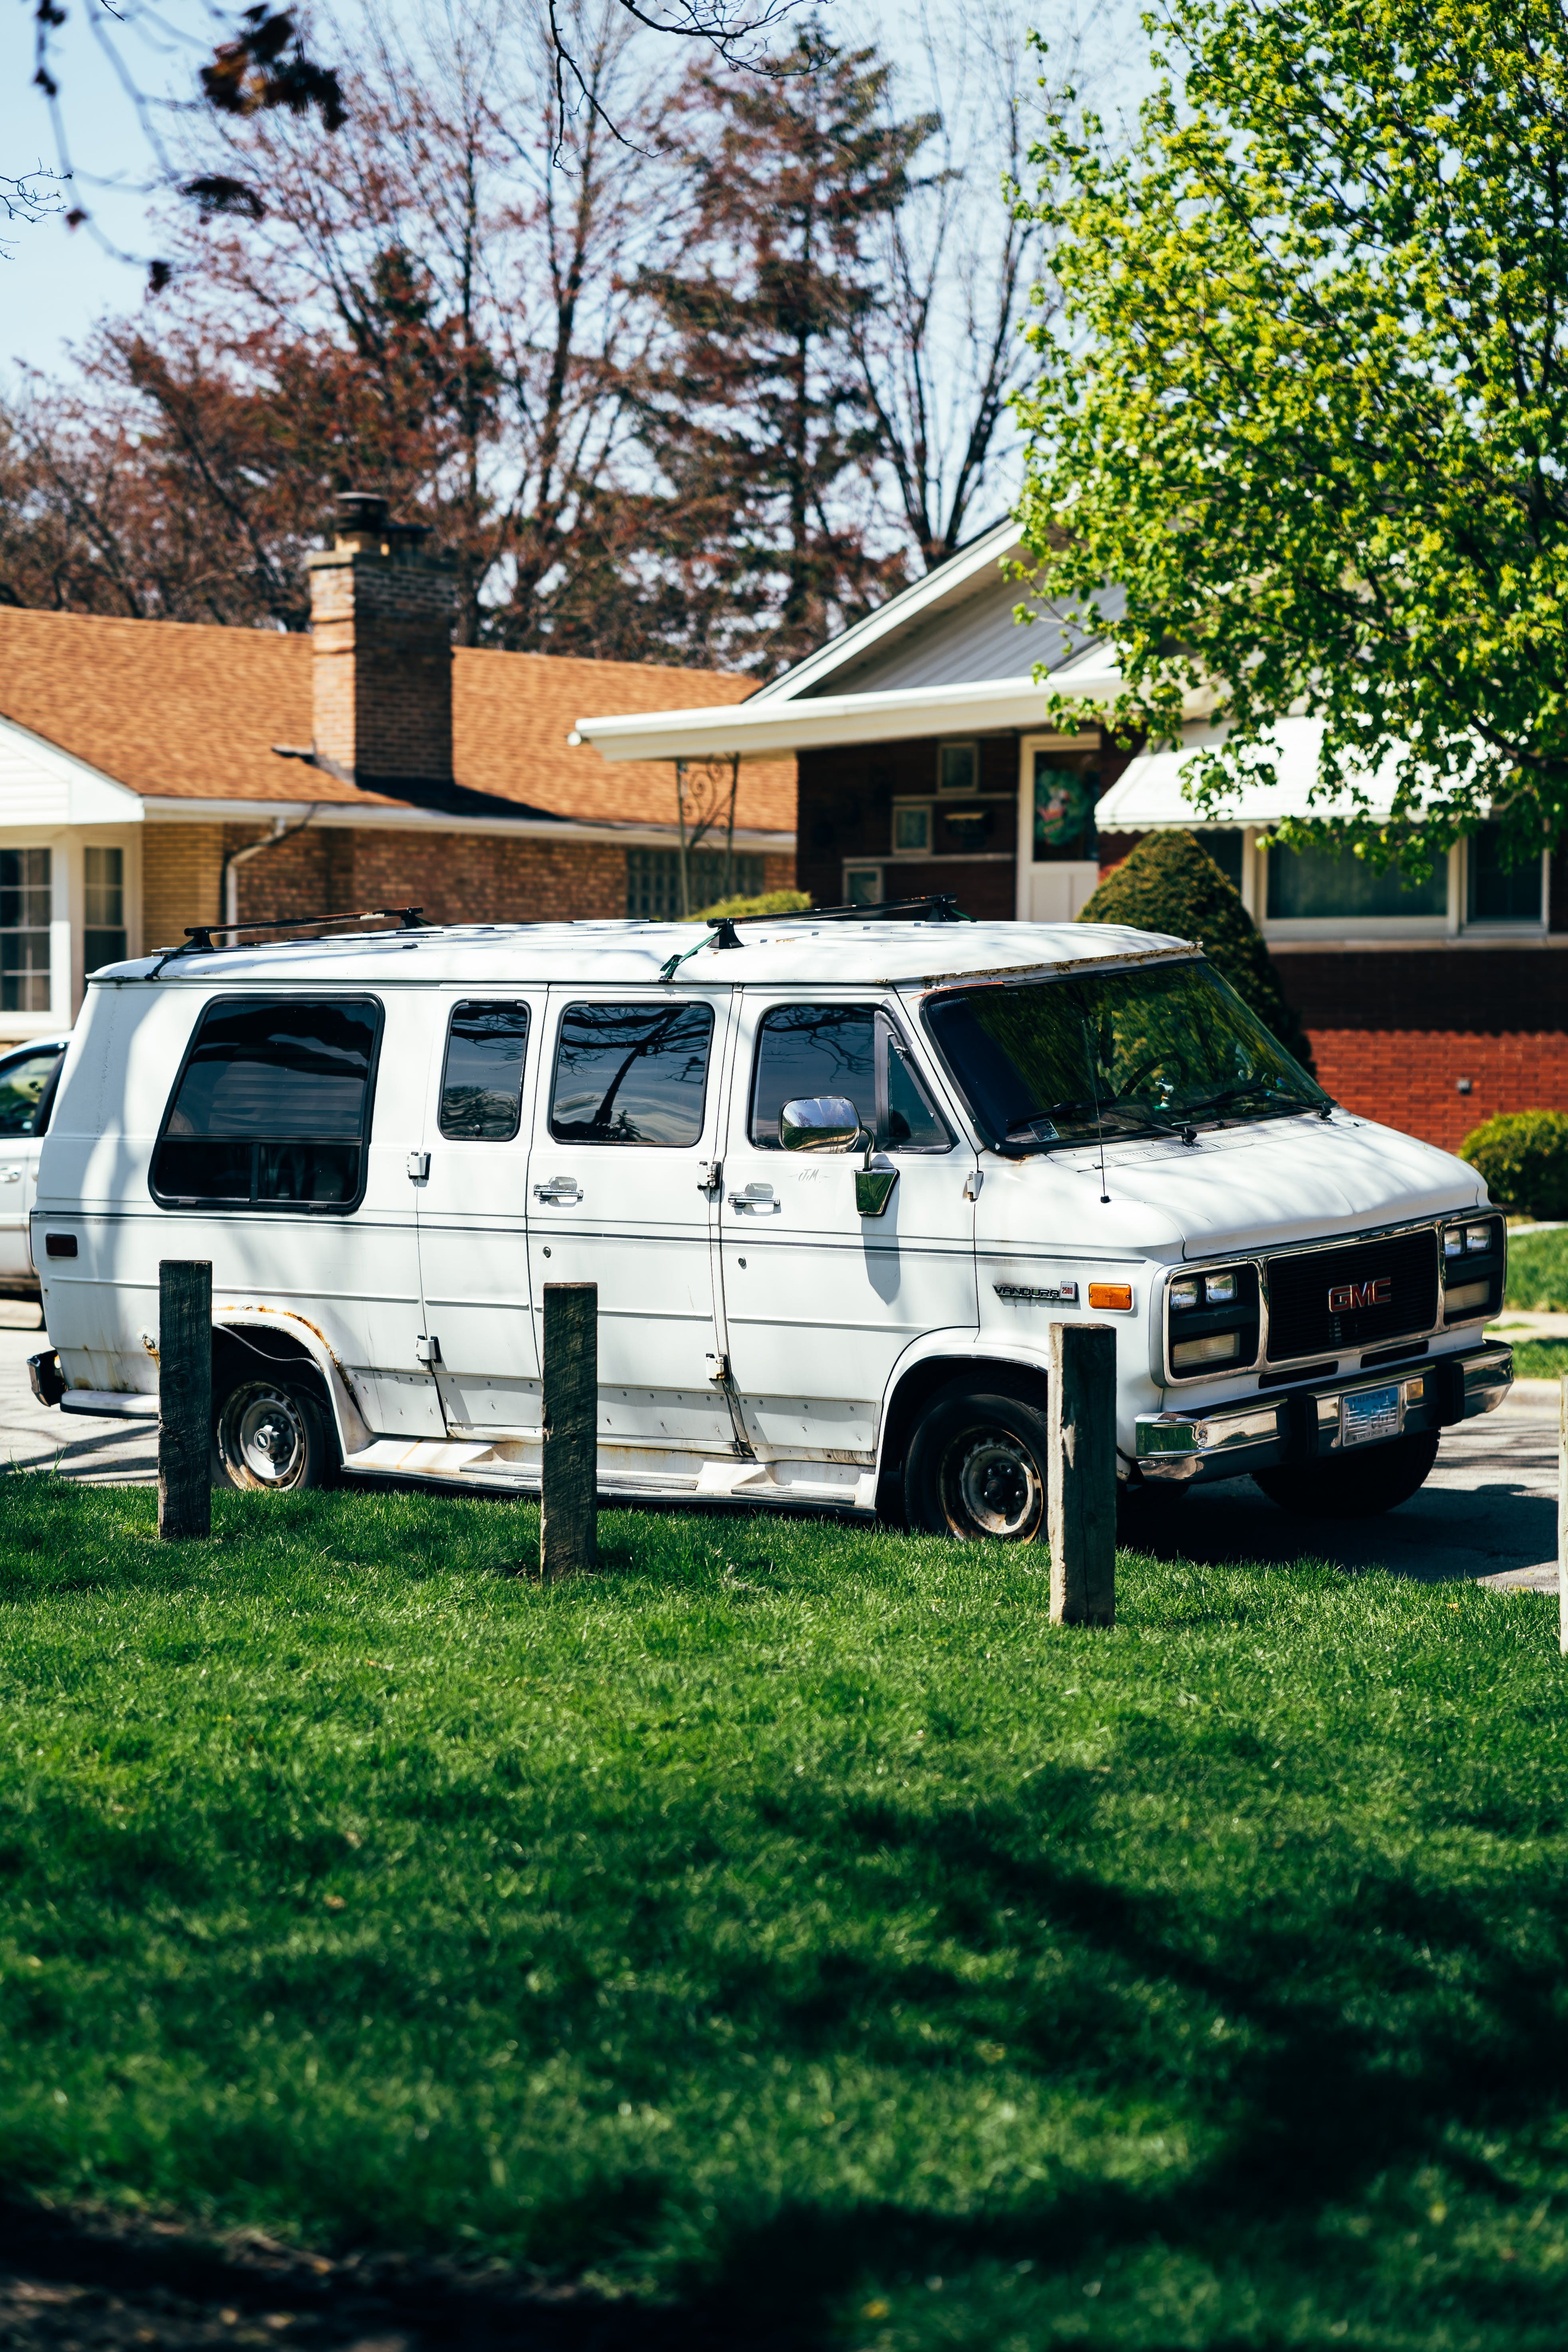 gmc, トラック, 交通手段, 交通機関の無料の写真素材